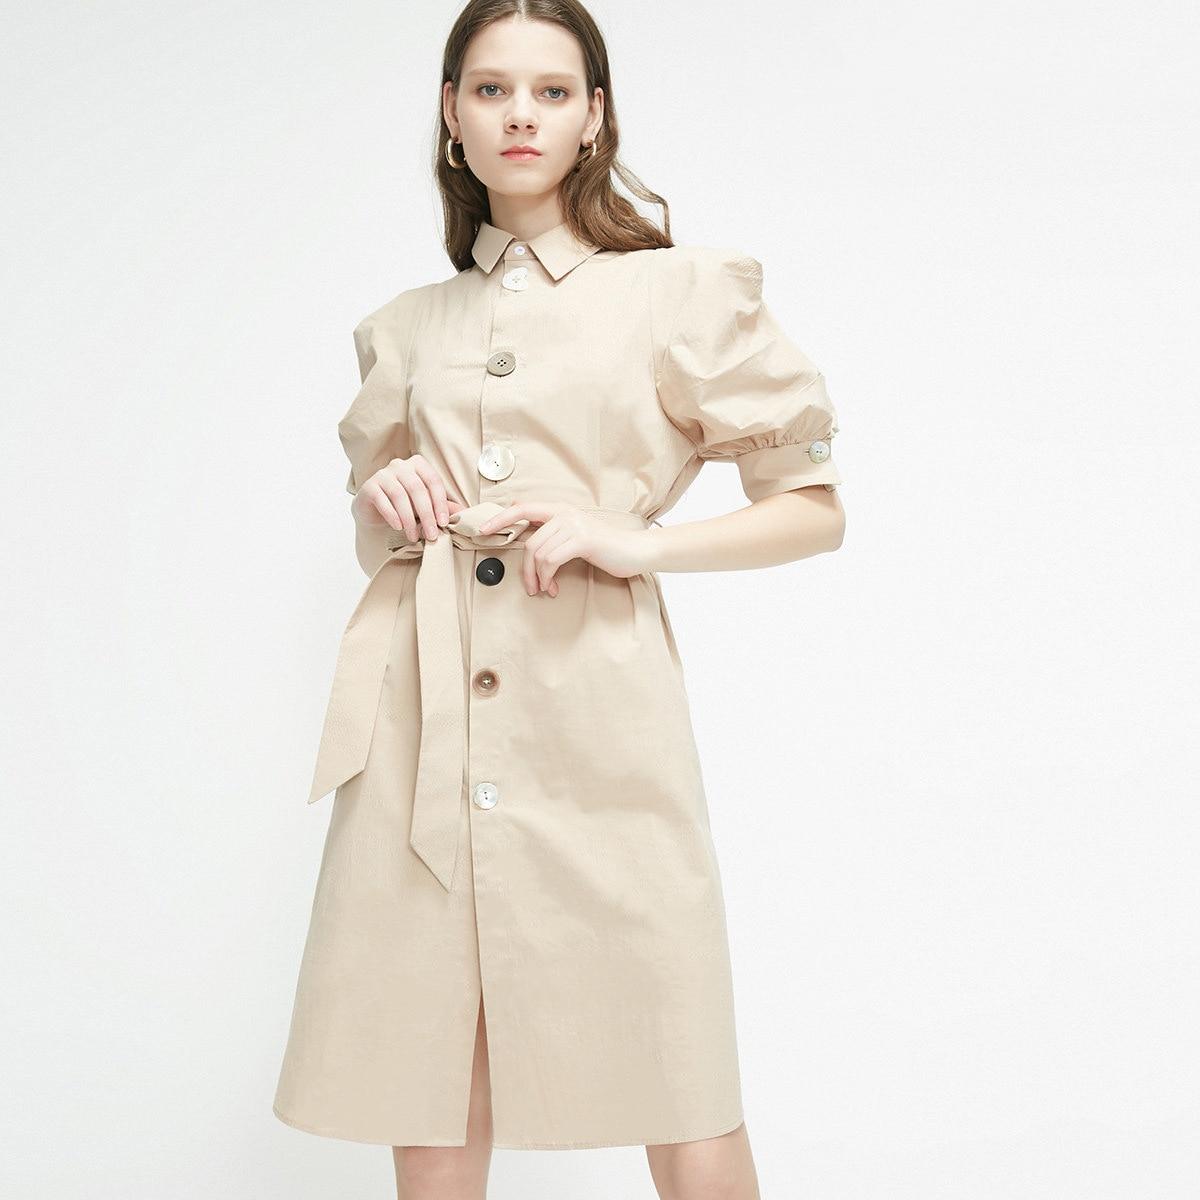 Robes été 2019 édition coréenne nouveau col à manches bulles robes à boutons